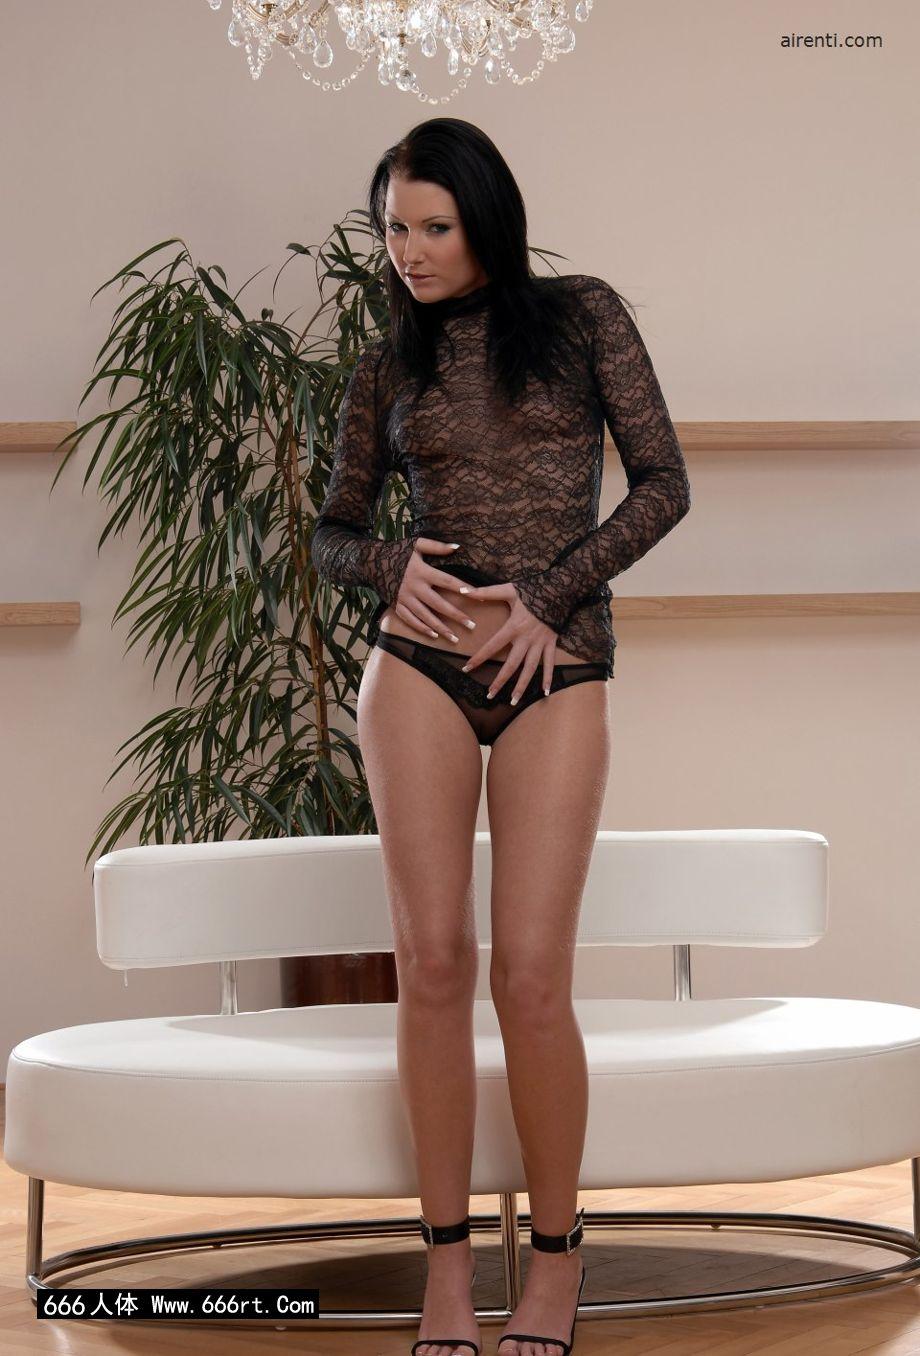 嫩模Janet居家室拍薄透情趣内裤摄影